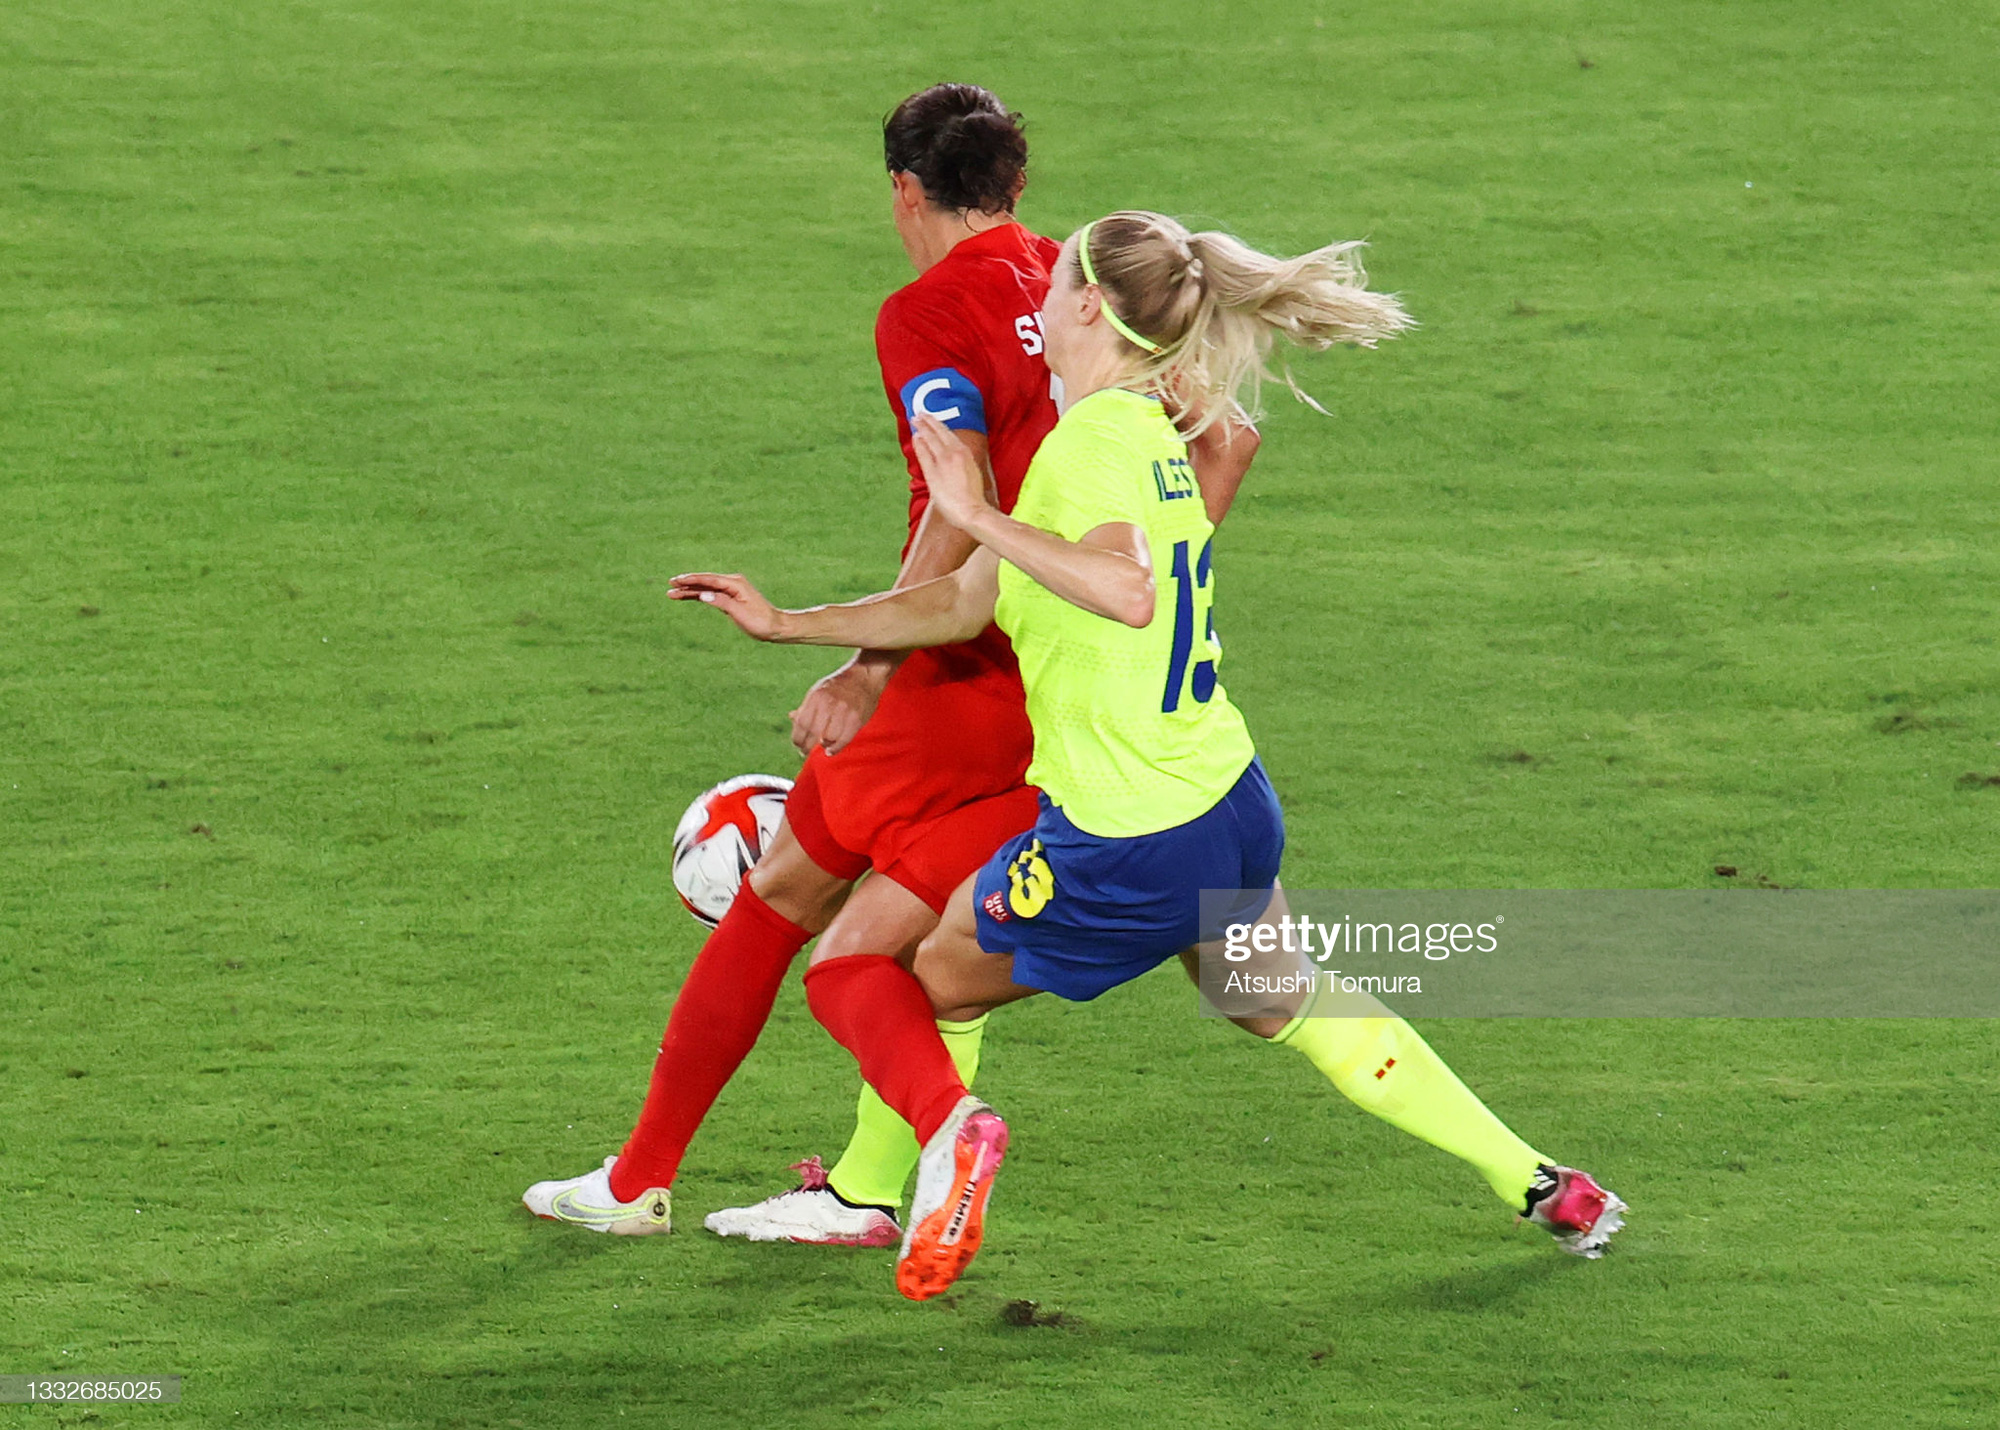 Đá hỏng liên tiếp 3 quả luân lưu, Canada vẫn vô địch bóng đá nữ Olympic 2020 - Ảnh 4.